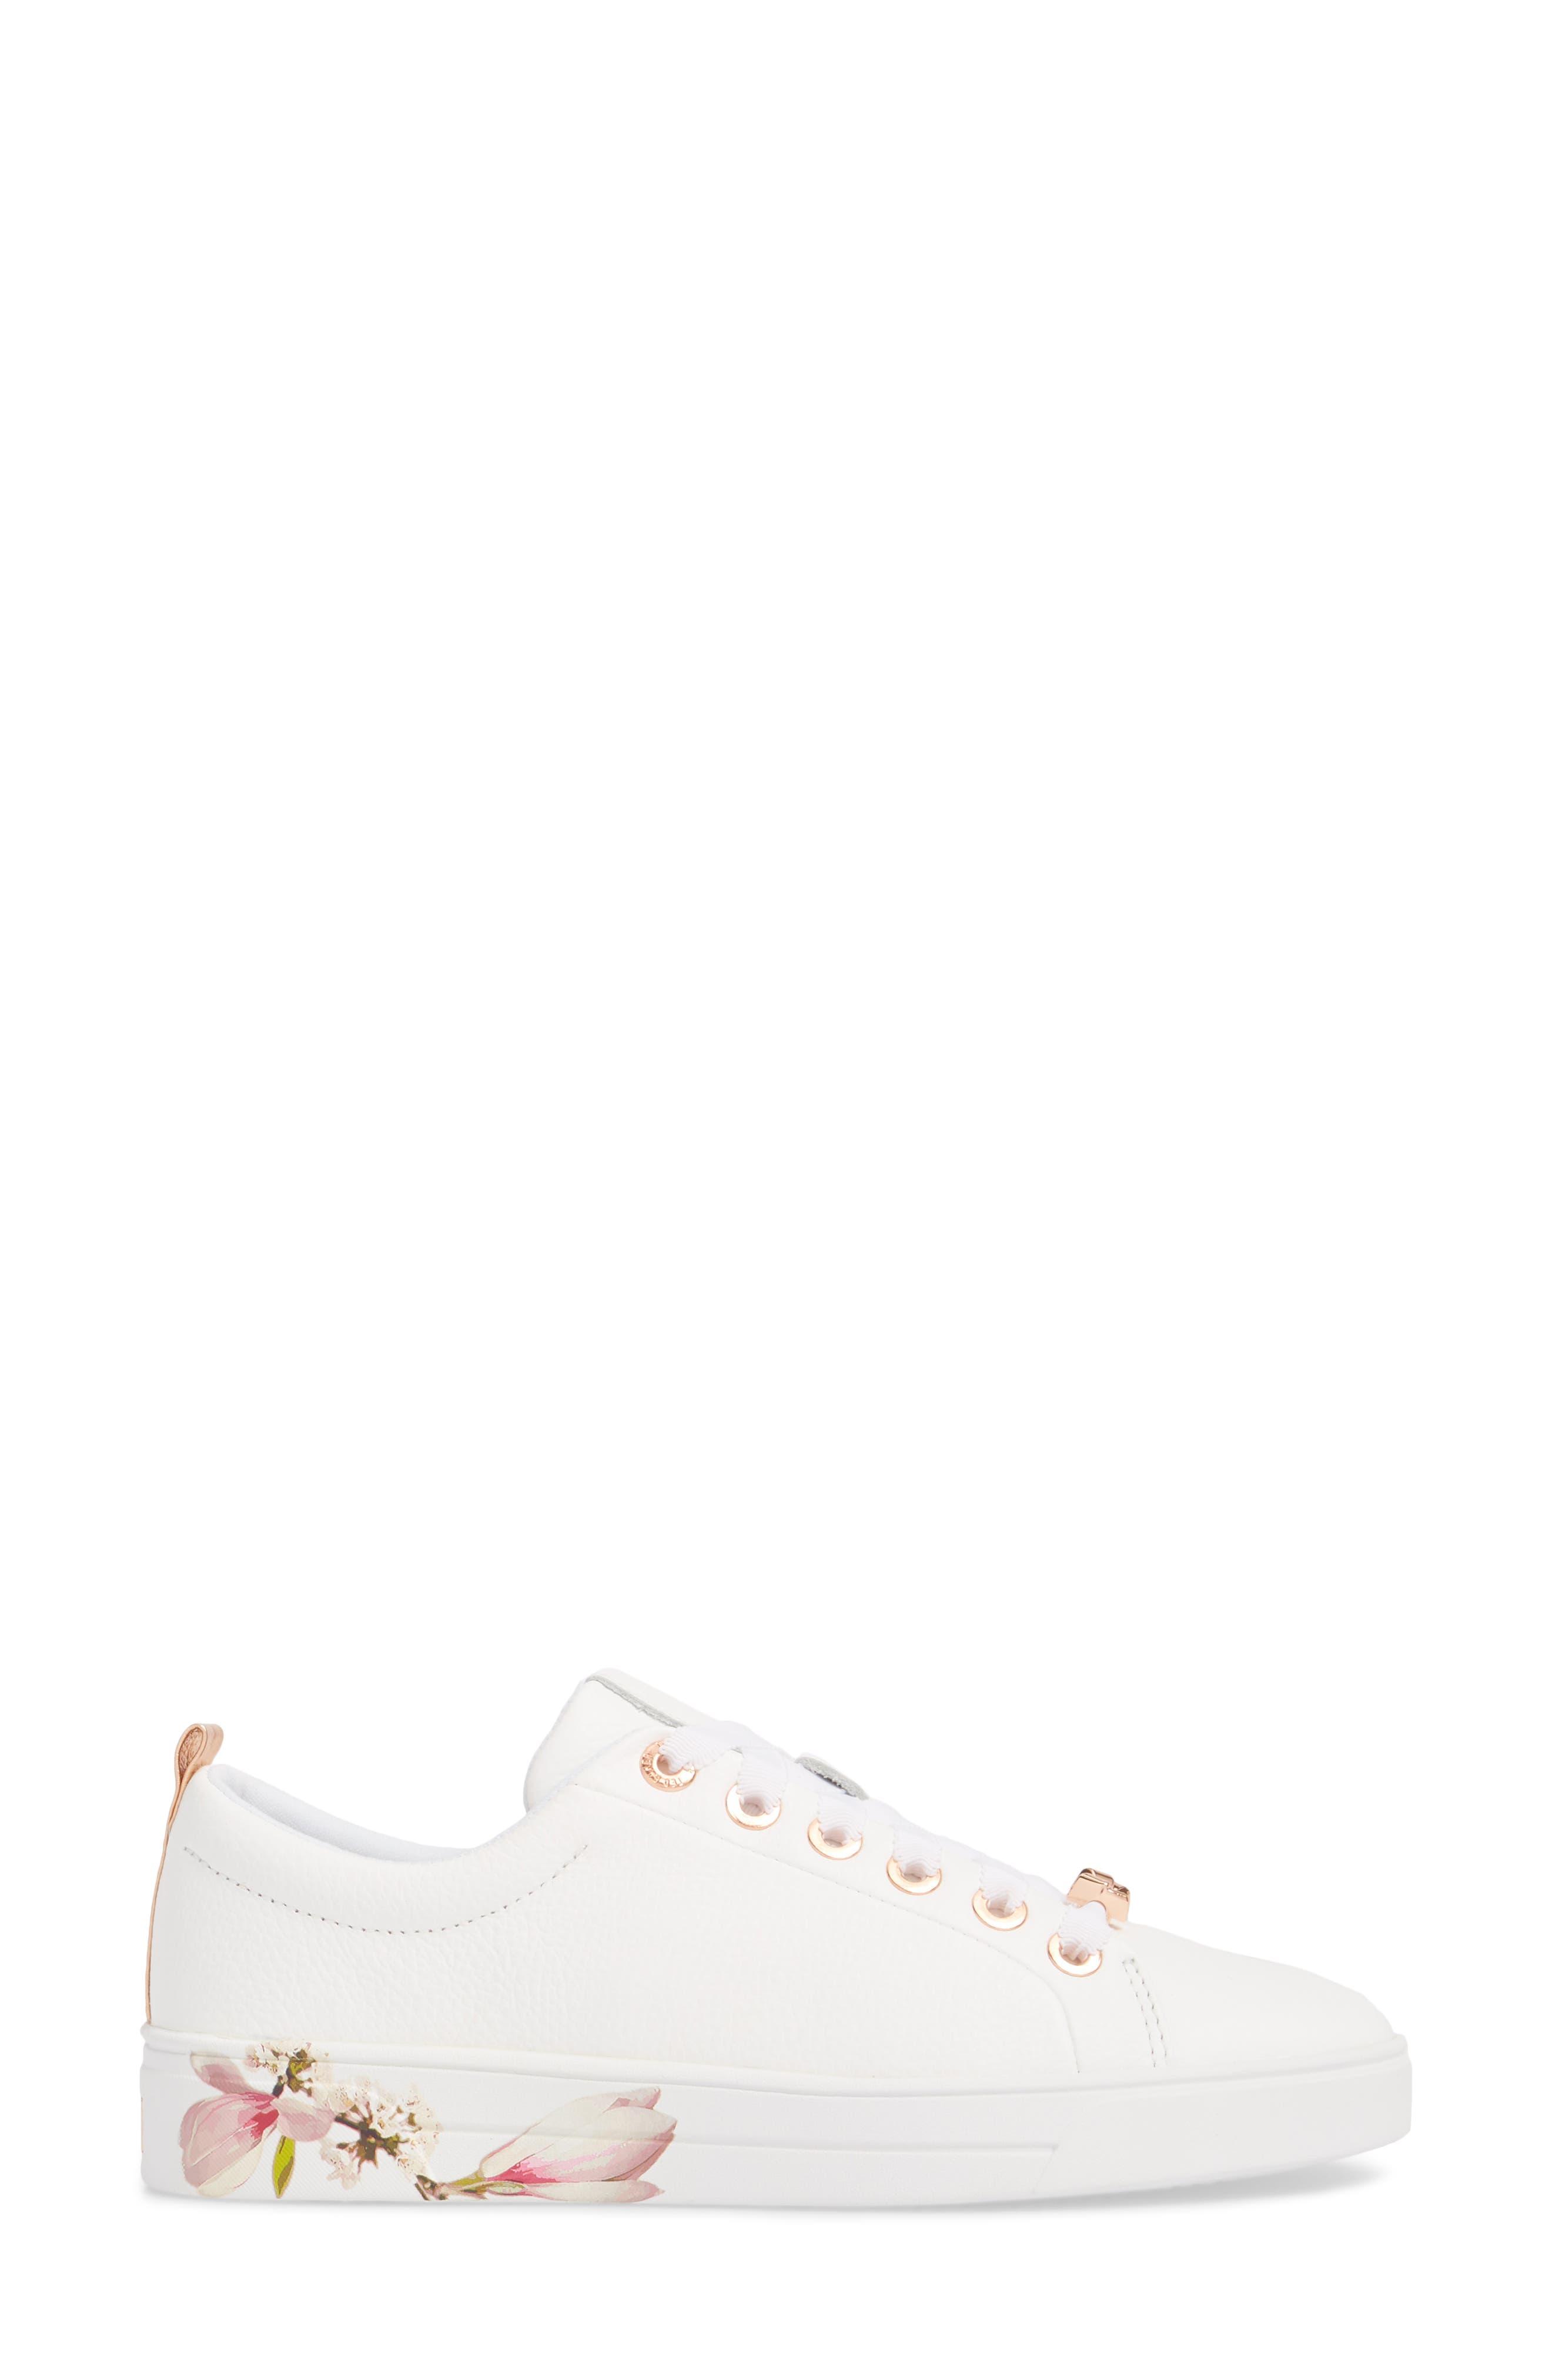 Kelleip Sneaker,                             Alternate thumbnail 14, color,